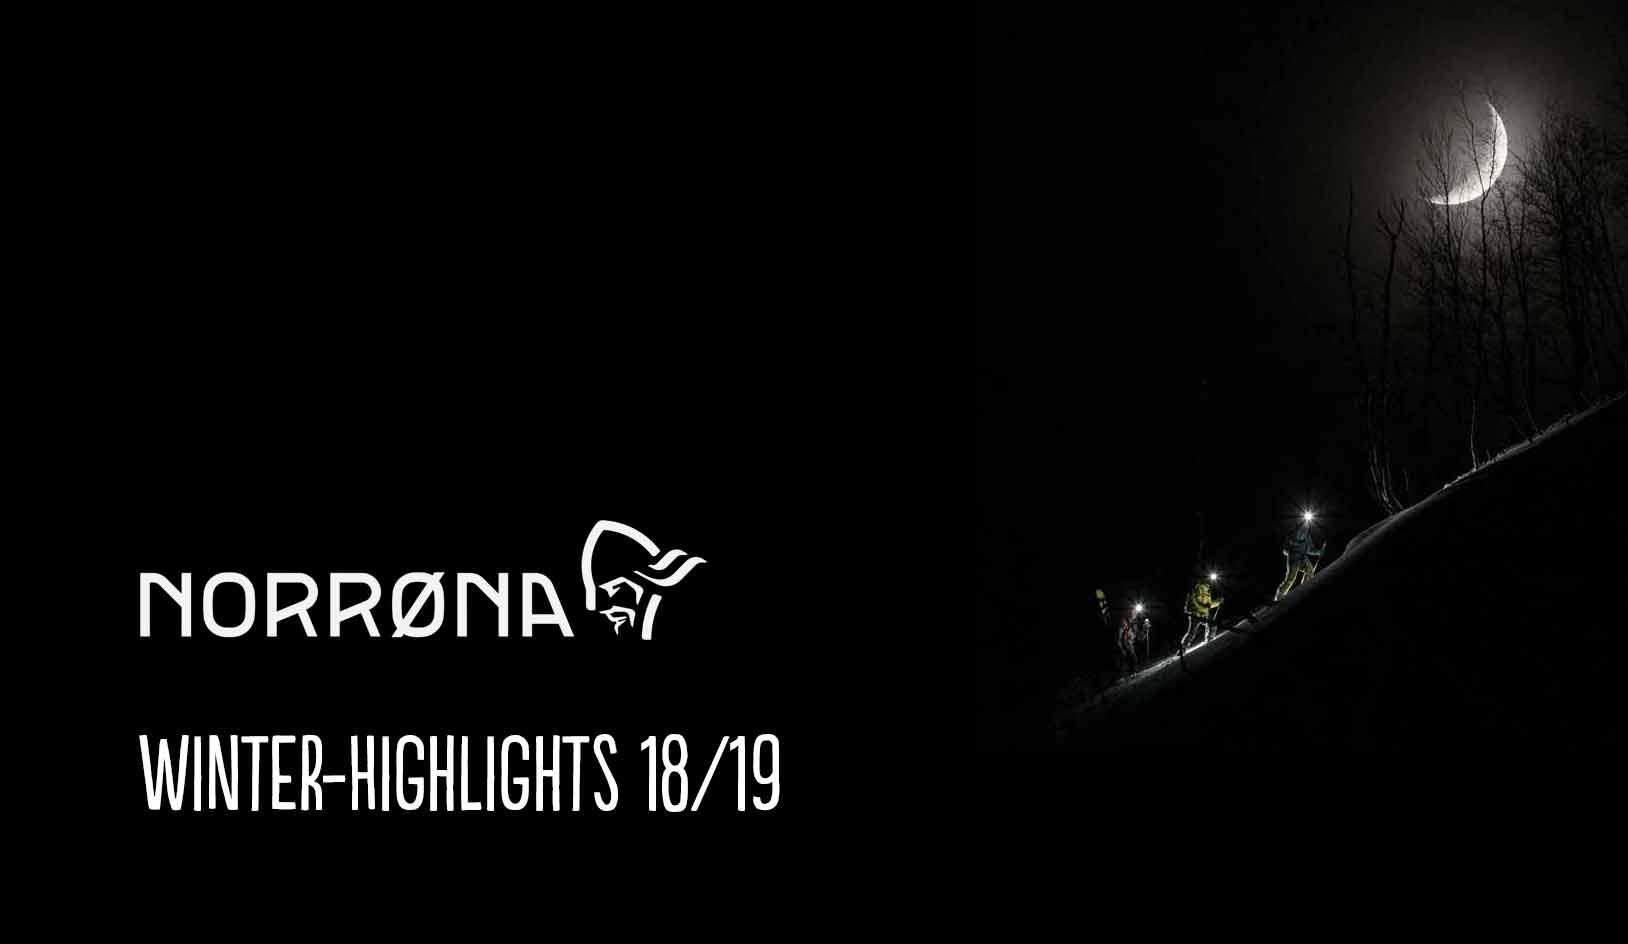 Alle Norrøna Winter-Highlights 18/19